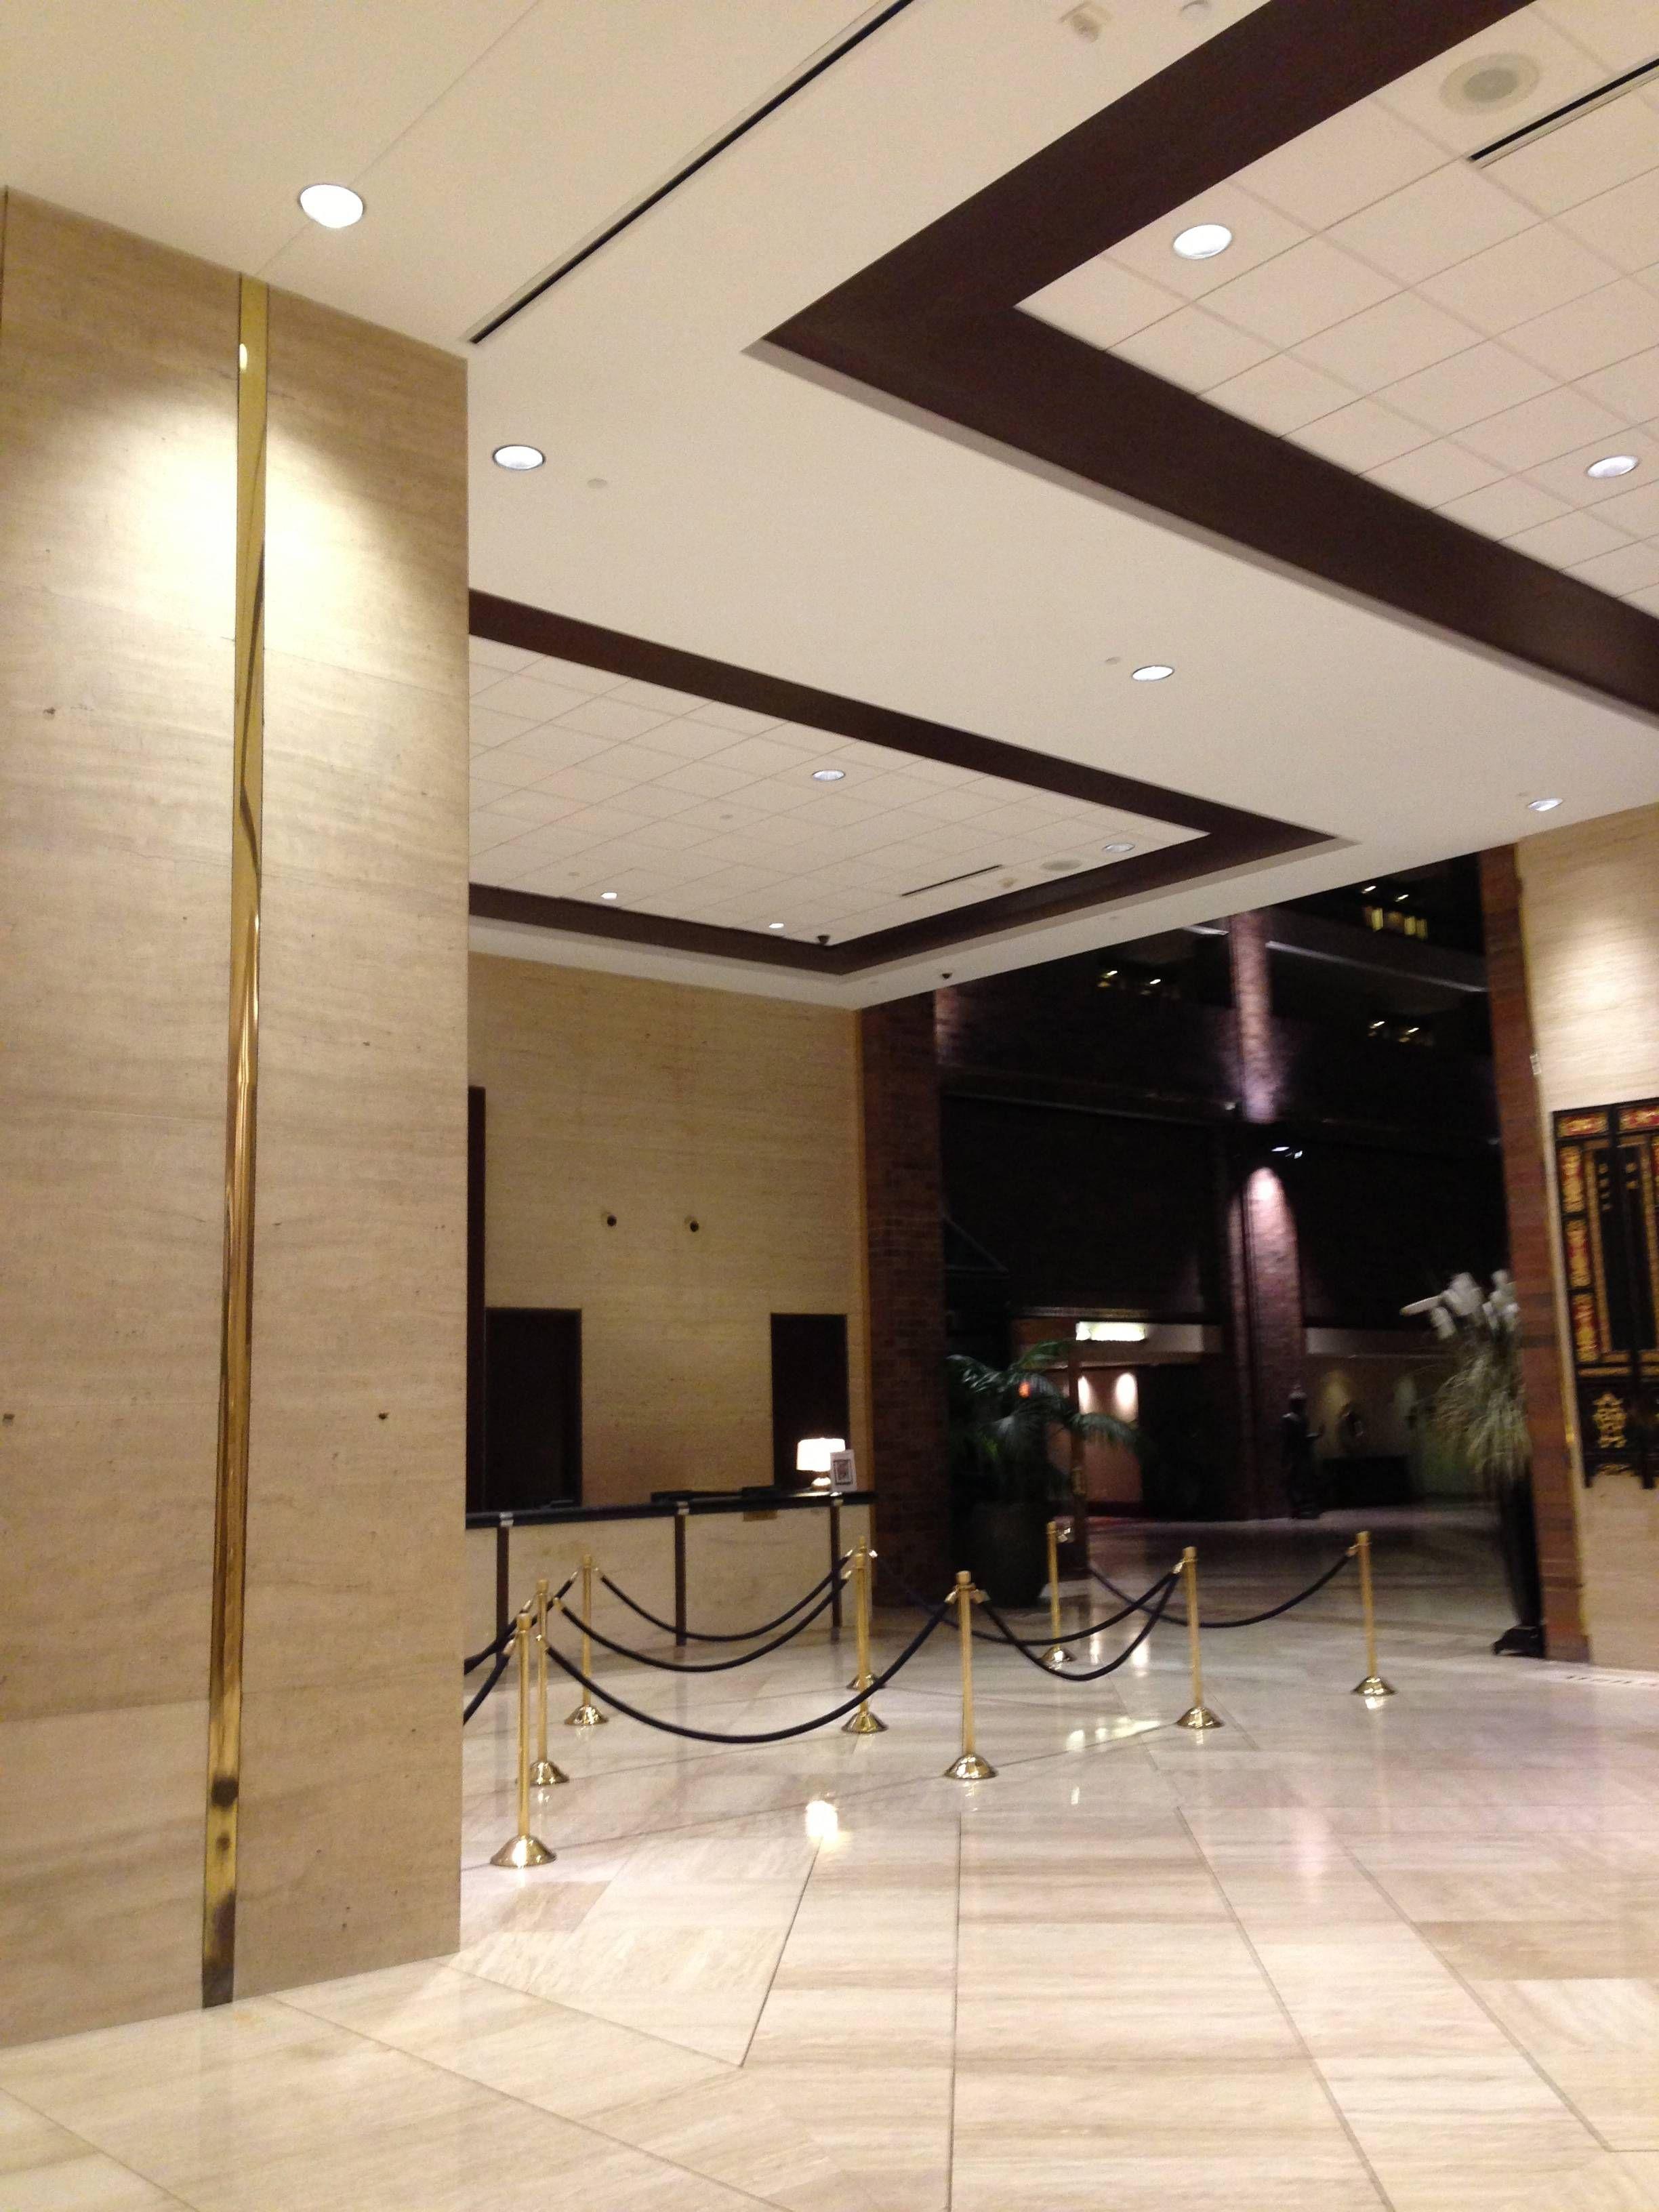 Hilton Anatole Dallas